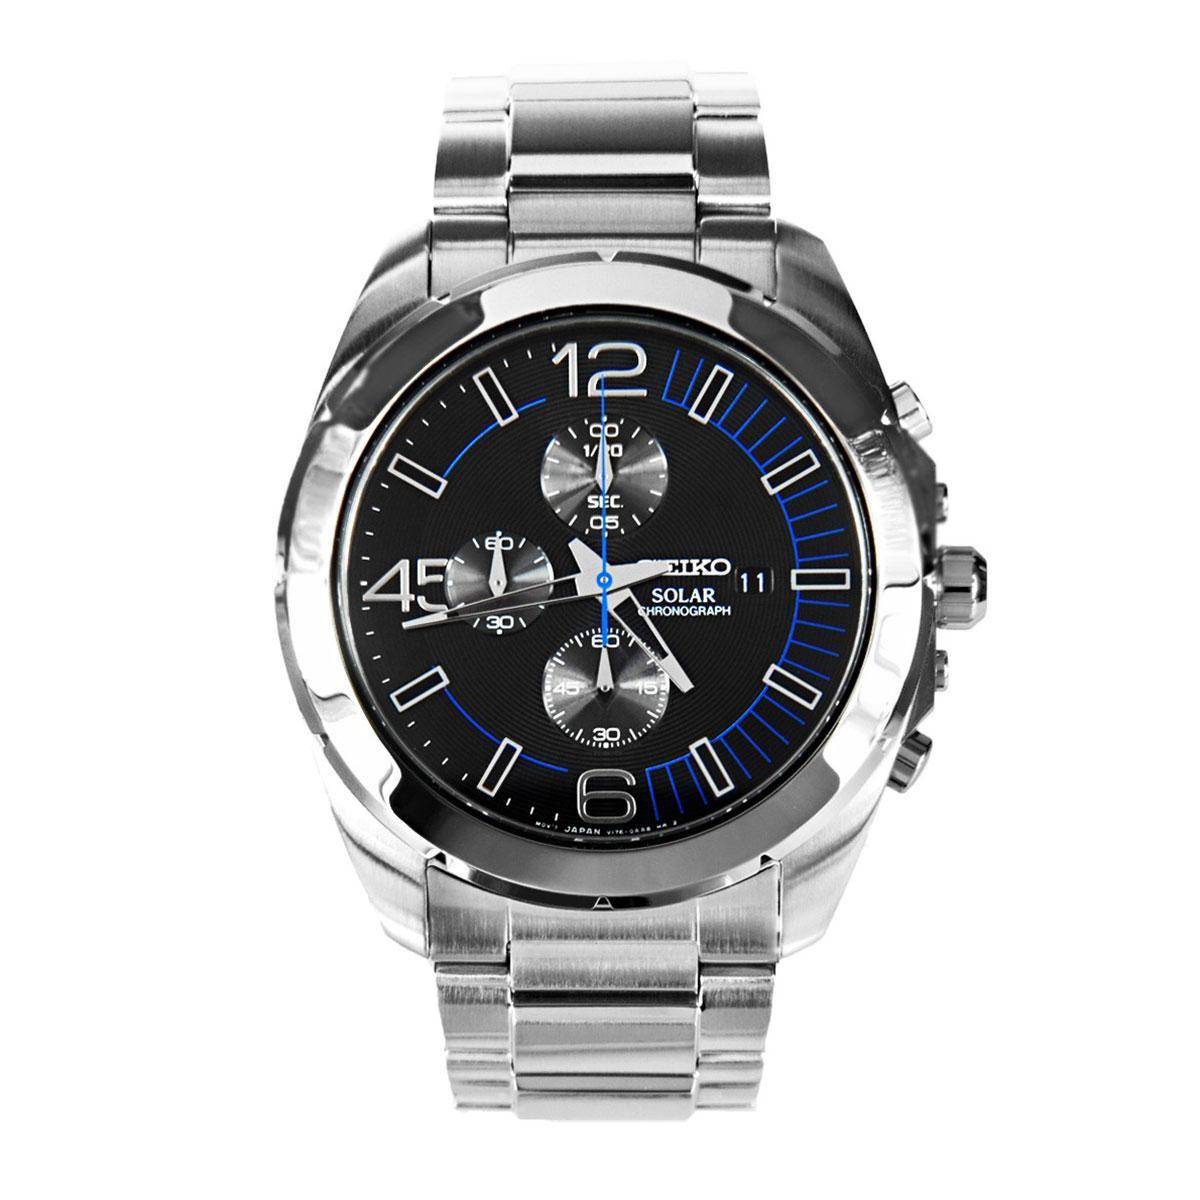 Часы Seiko SSC213P1 хронограф SOLAR V176